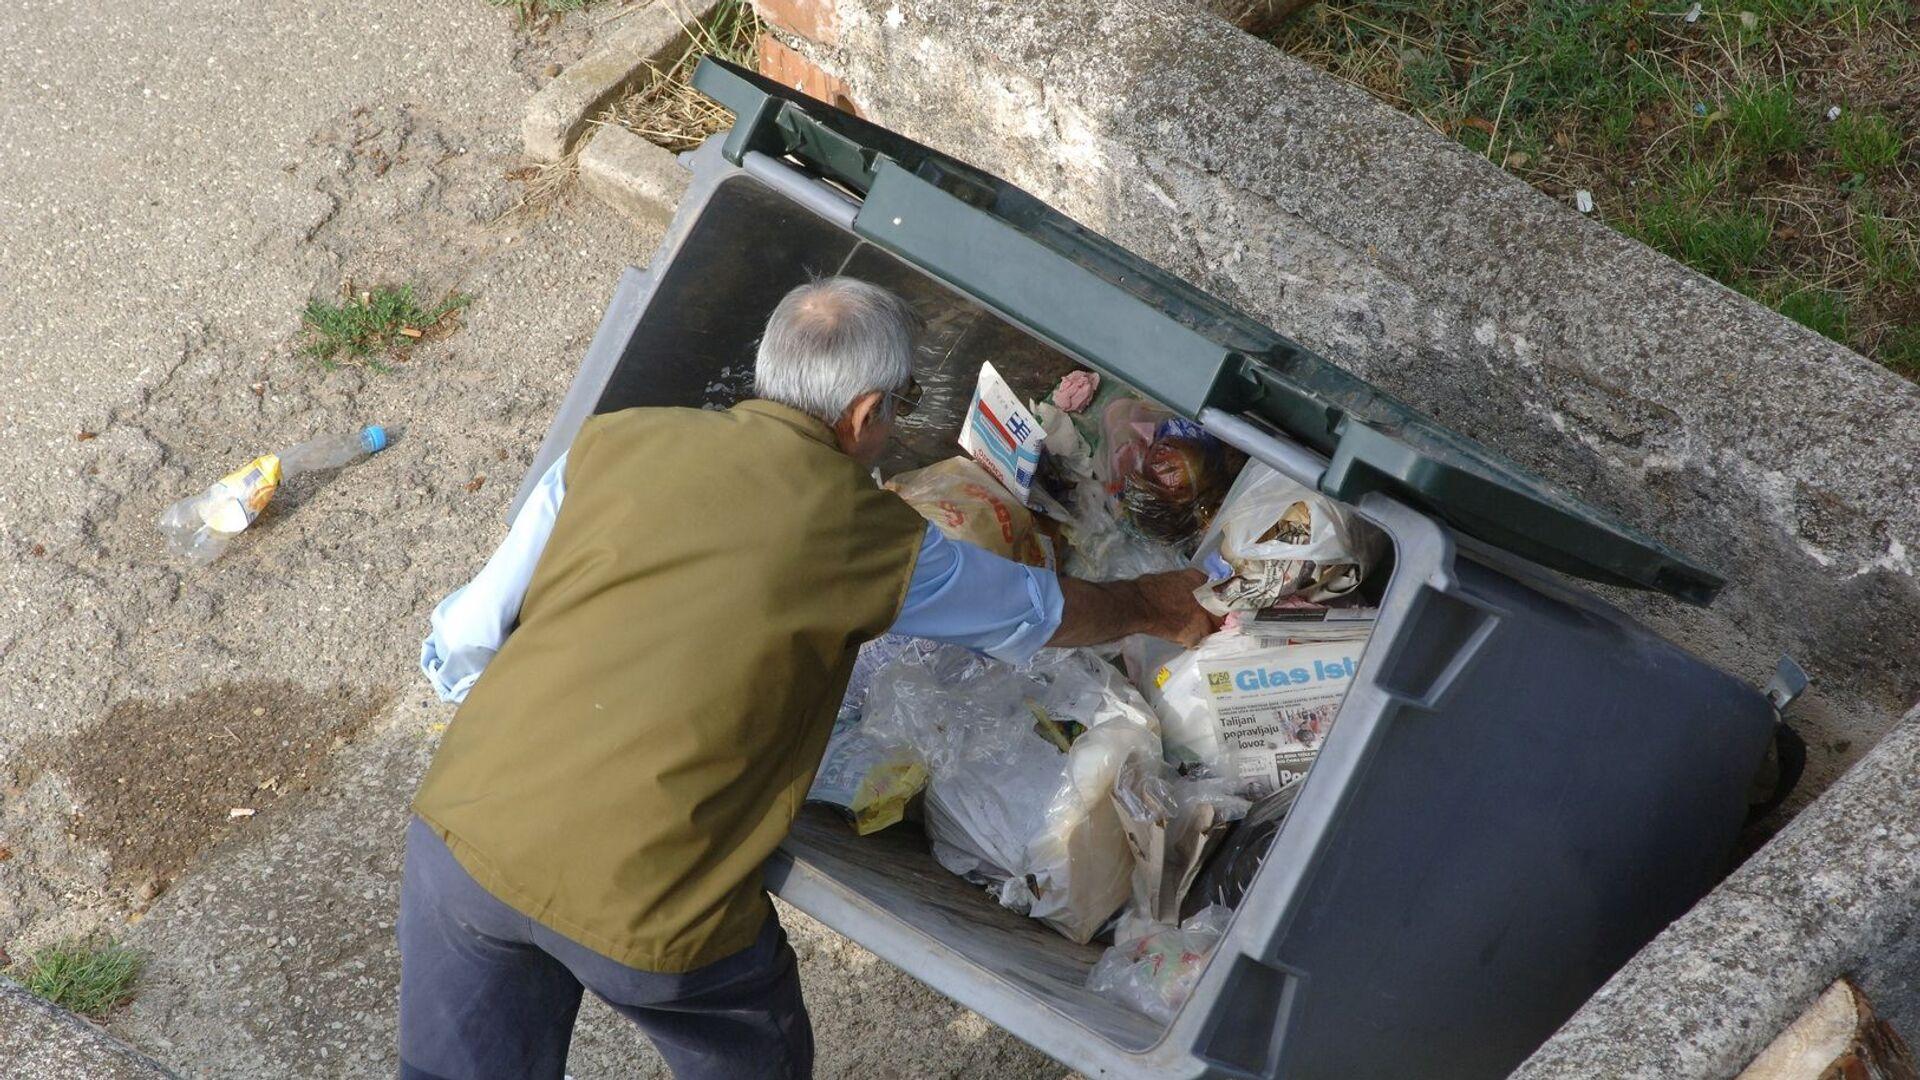 Мужчина у мусорного контейнера - Sputnik Латвия, 1920, 26.08.2021